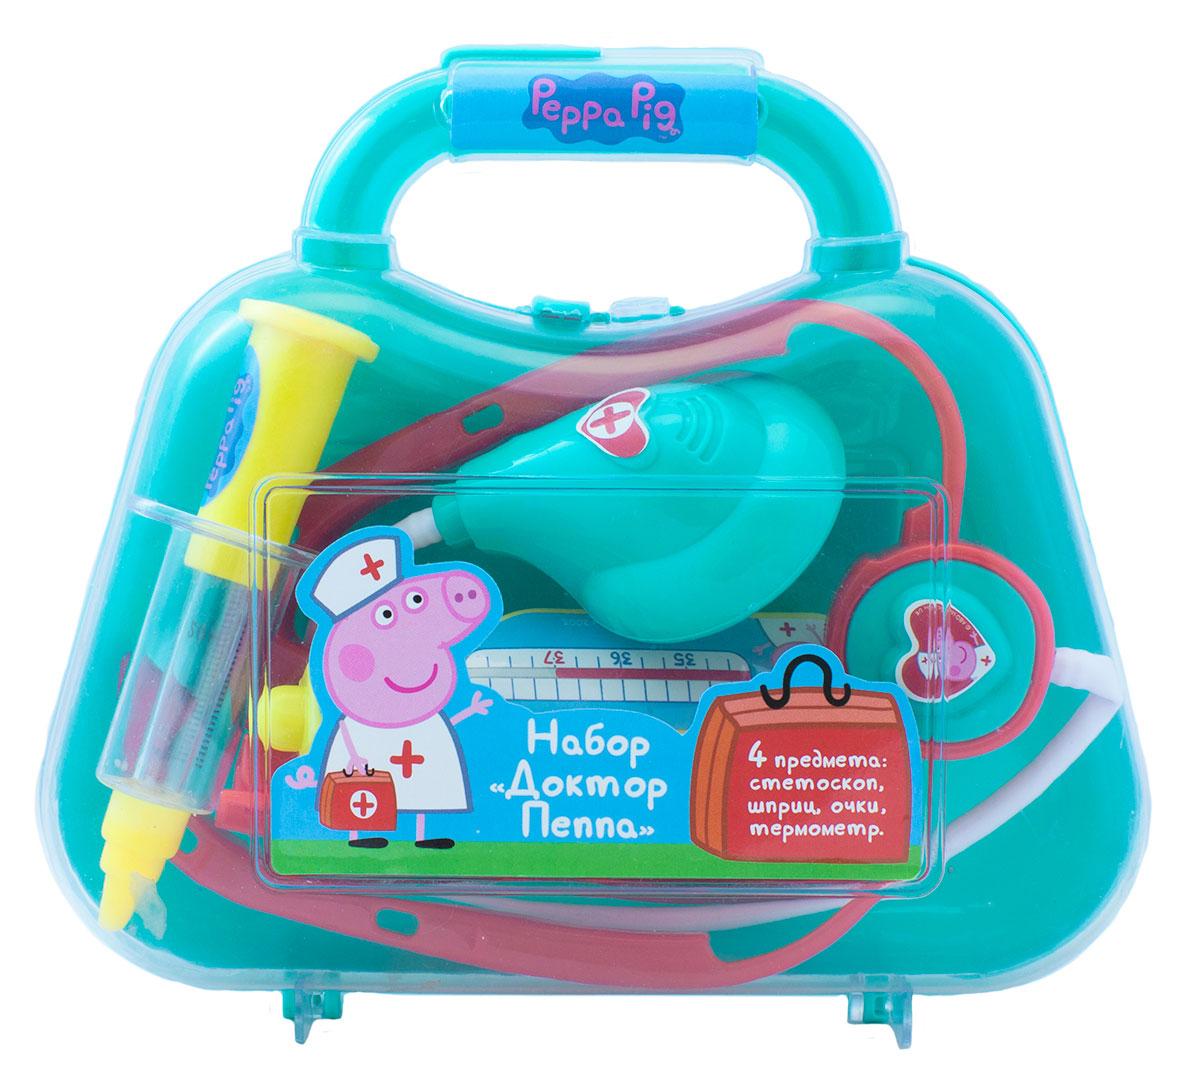 Peppa Pig Игровой набор Доктор Пеппа 4 предмета peppa pig игровой набор пеппа на каникулах 30627